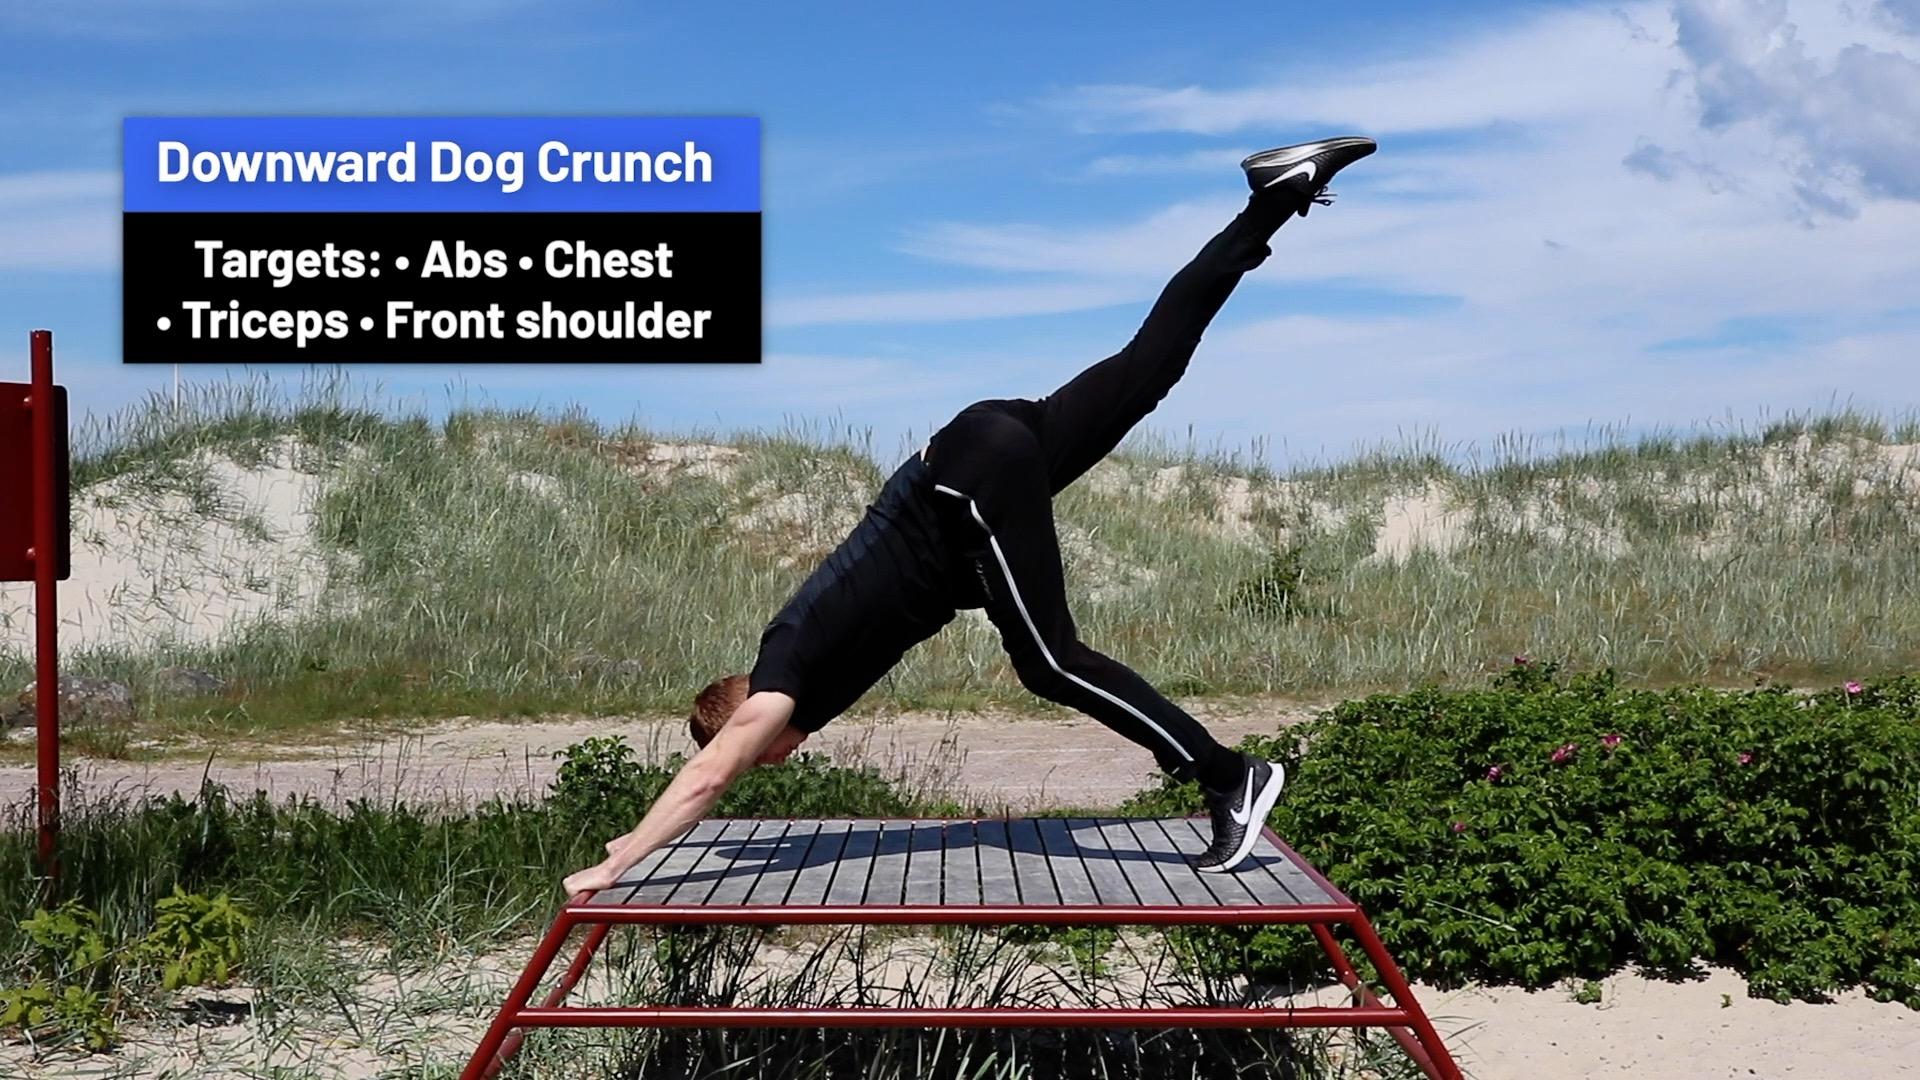 Downward dog crunch